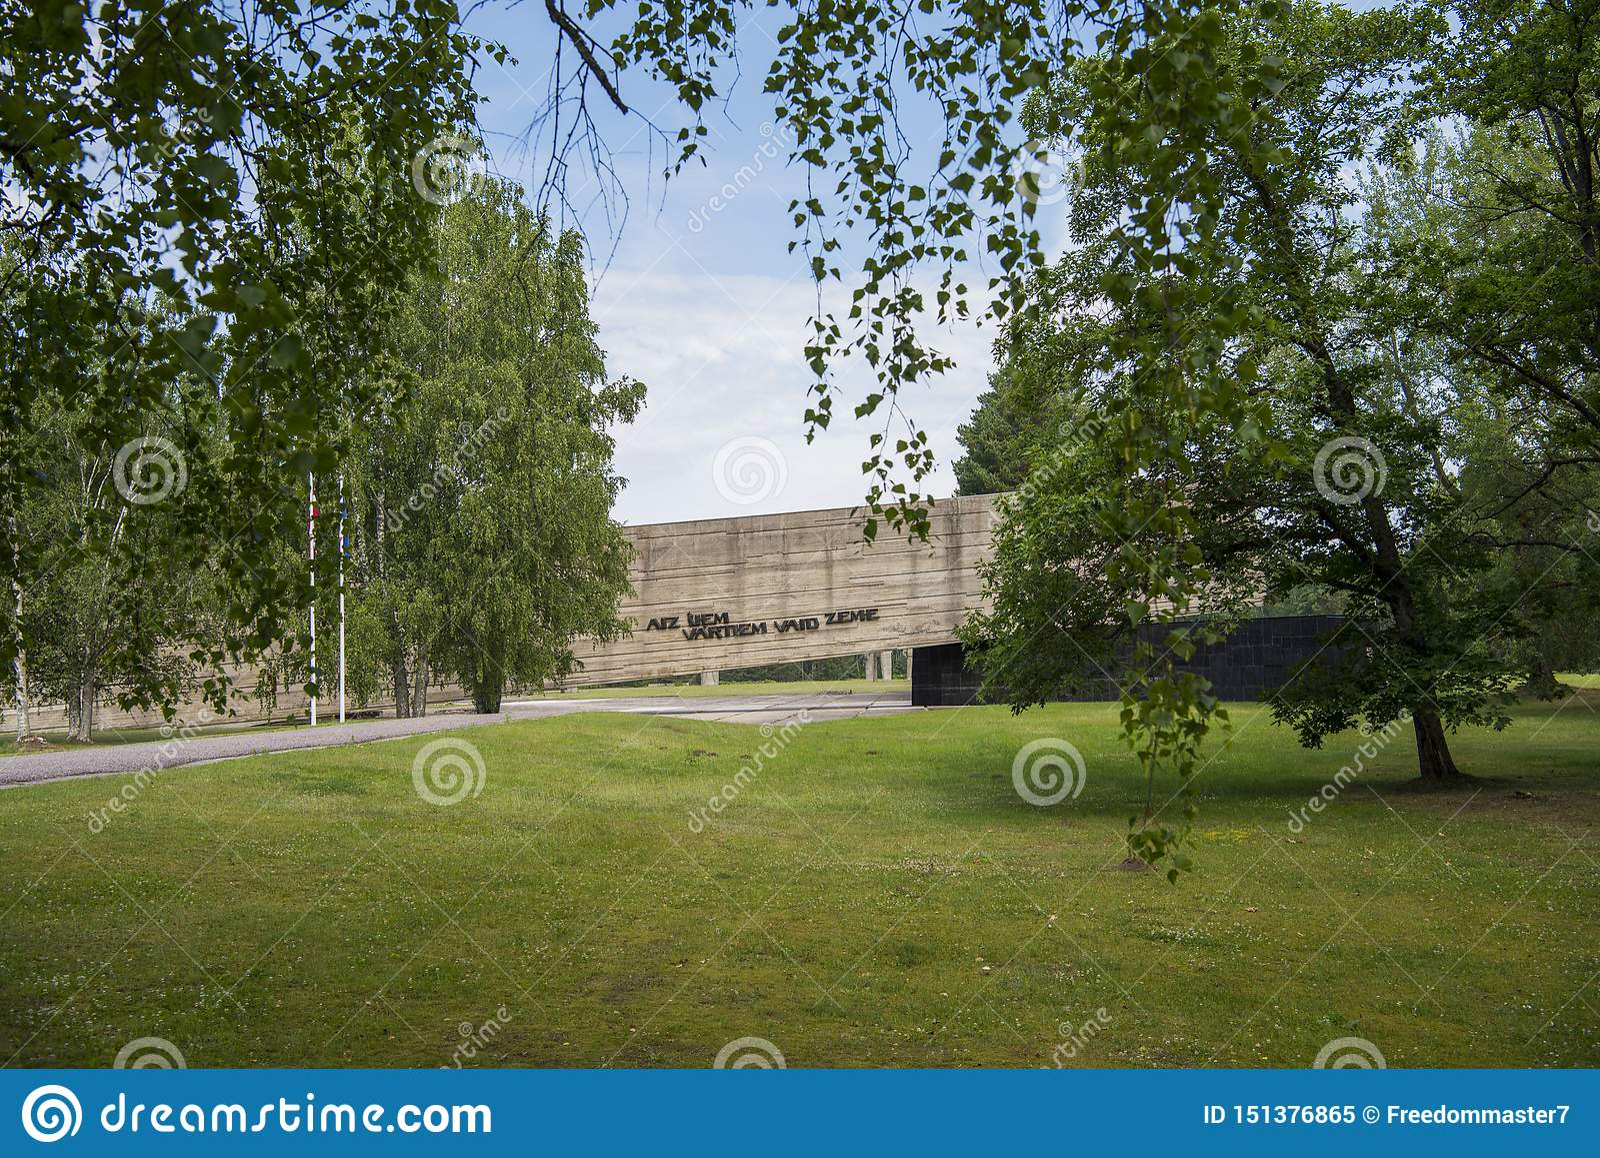 Salaspils, Letonia - 19 de junio de 2019: Monumentos en el conjunto conmemorativo de Salaspils El monumento está situado en el lu